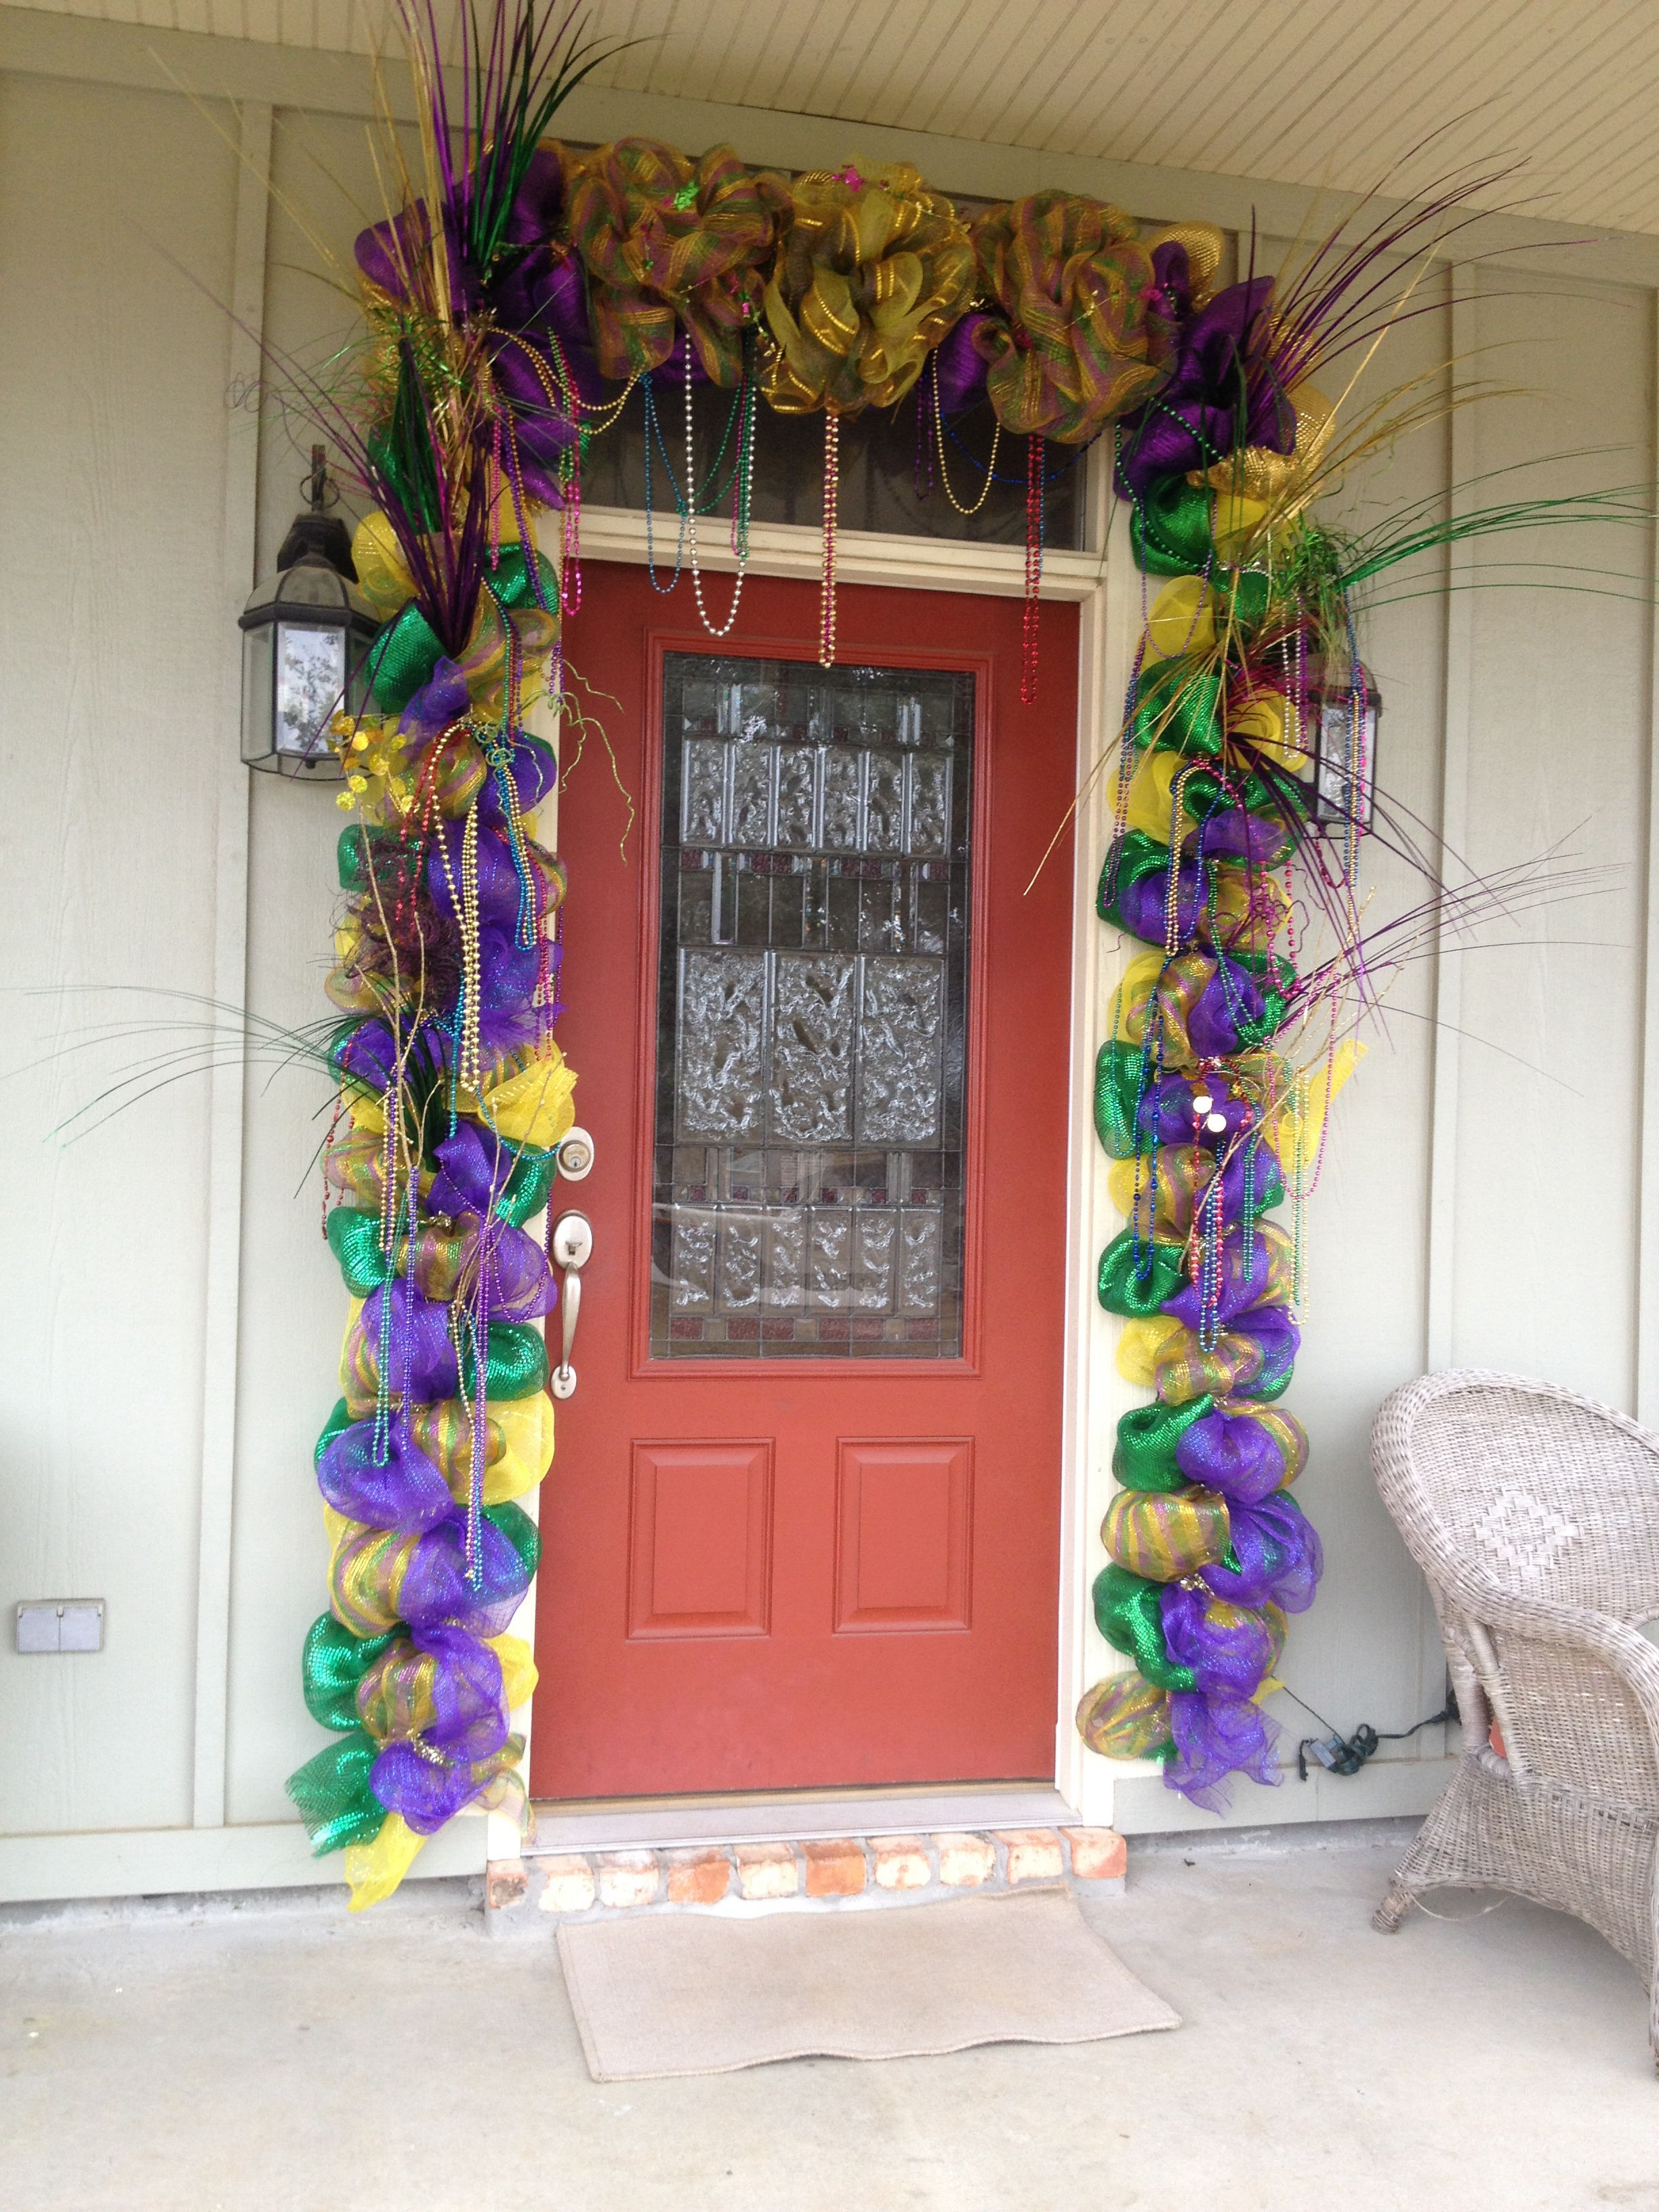 Mardi Gras Front Door Mardi Gras Decorations Madi Gras Party Mardi Gras Party